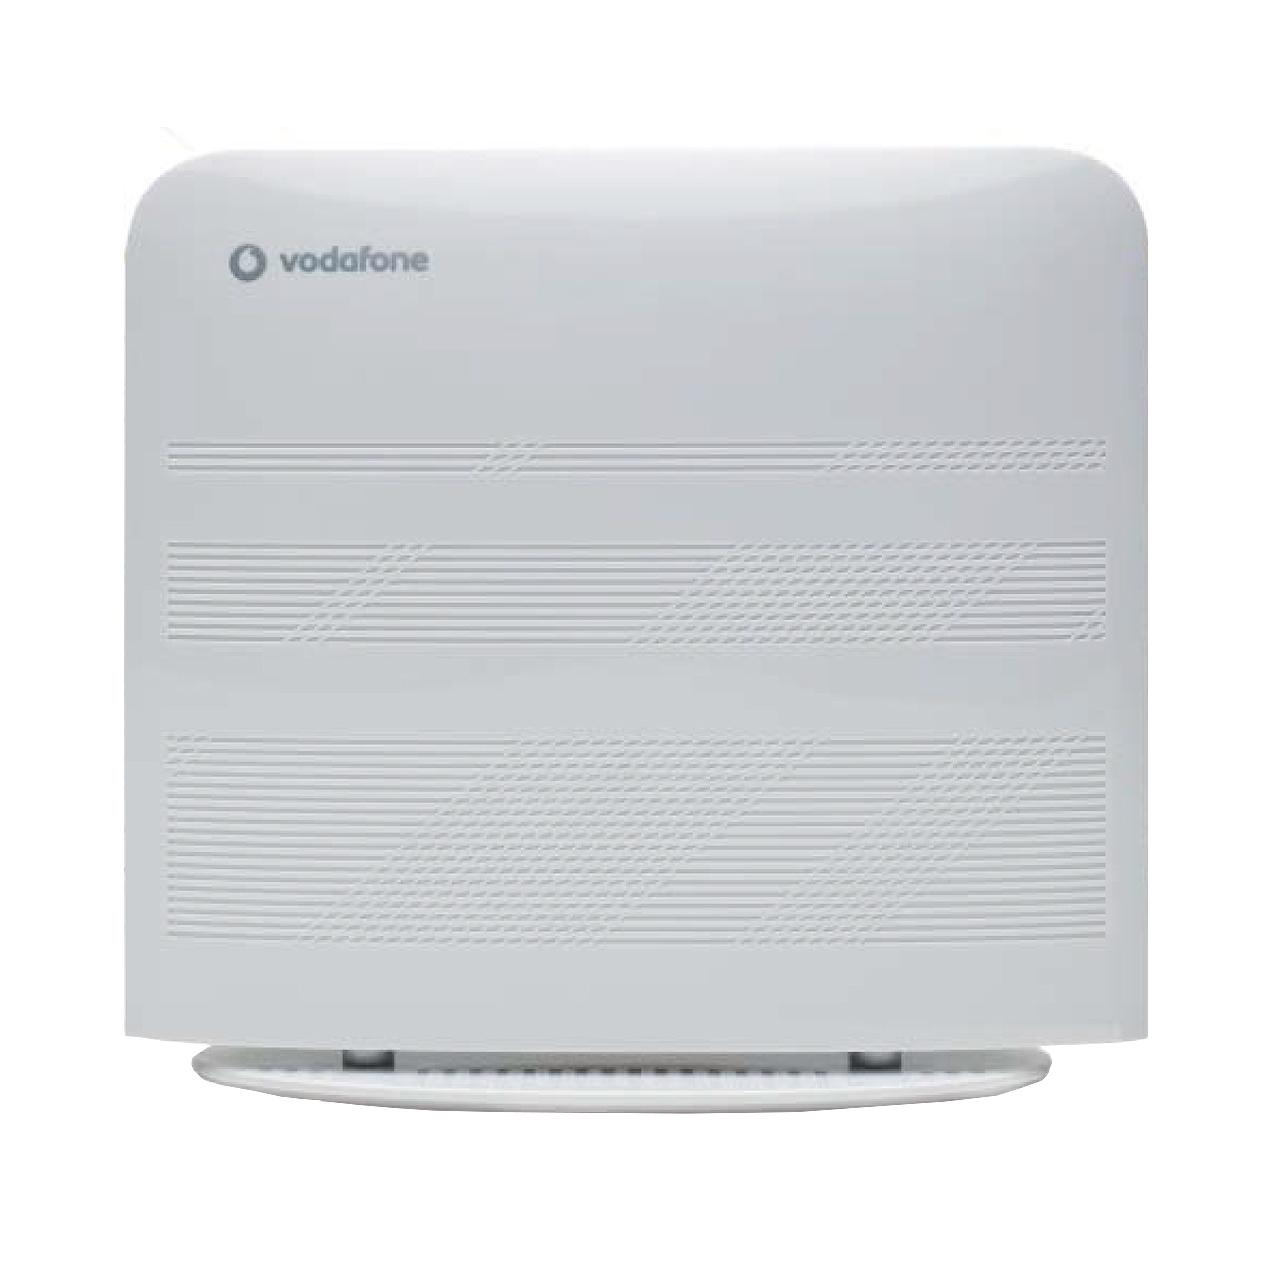 مودم روتر ADSL 2 Plus ودافون مدل HG556a